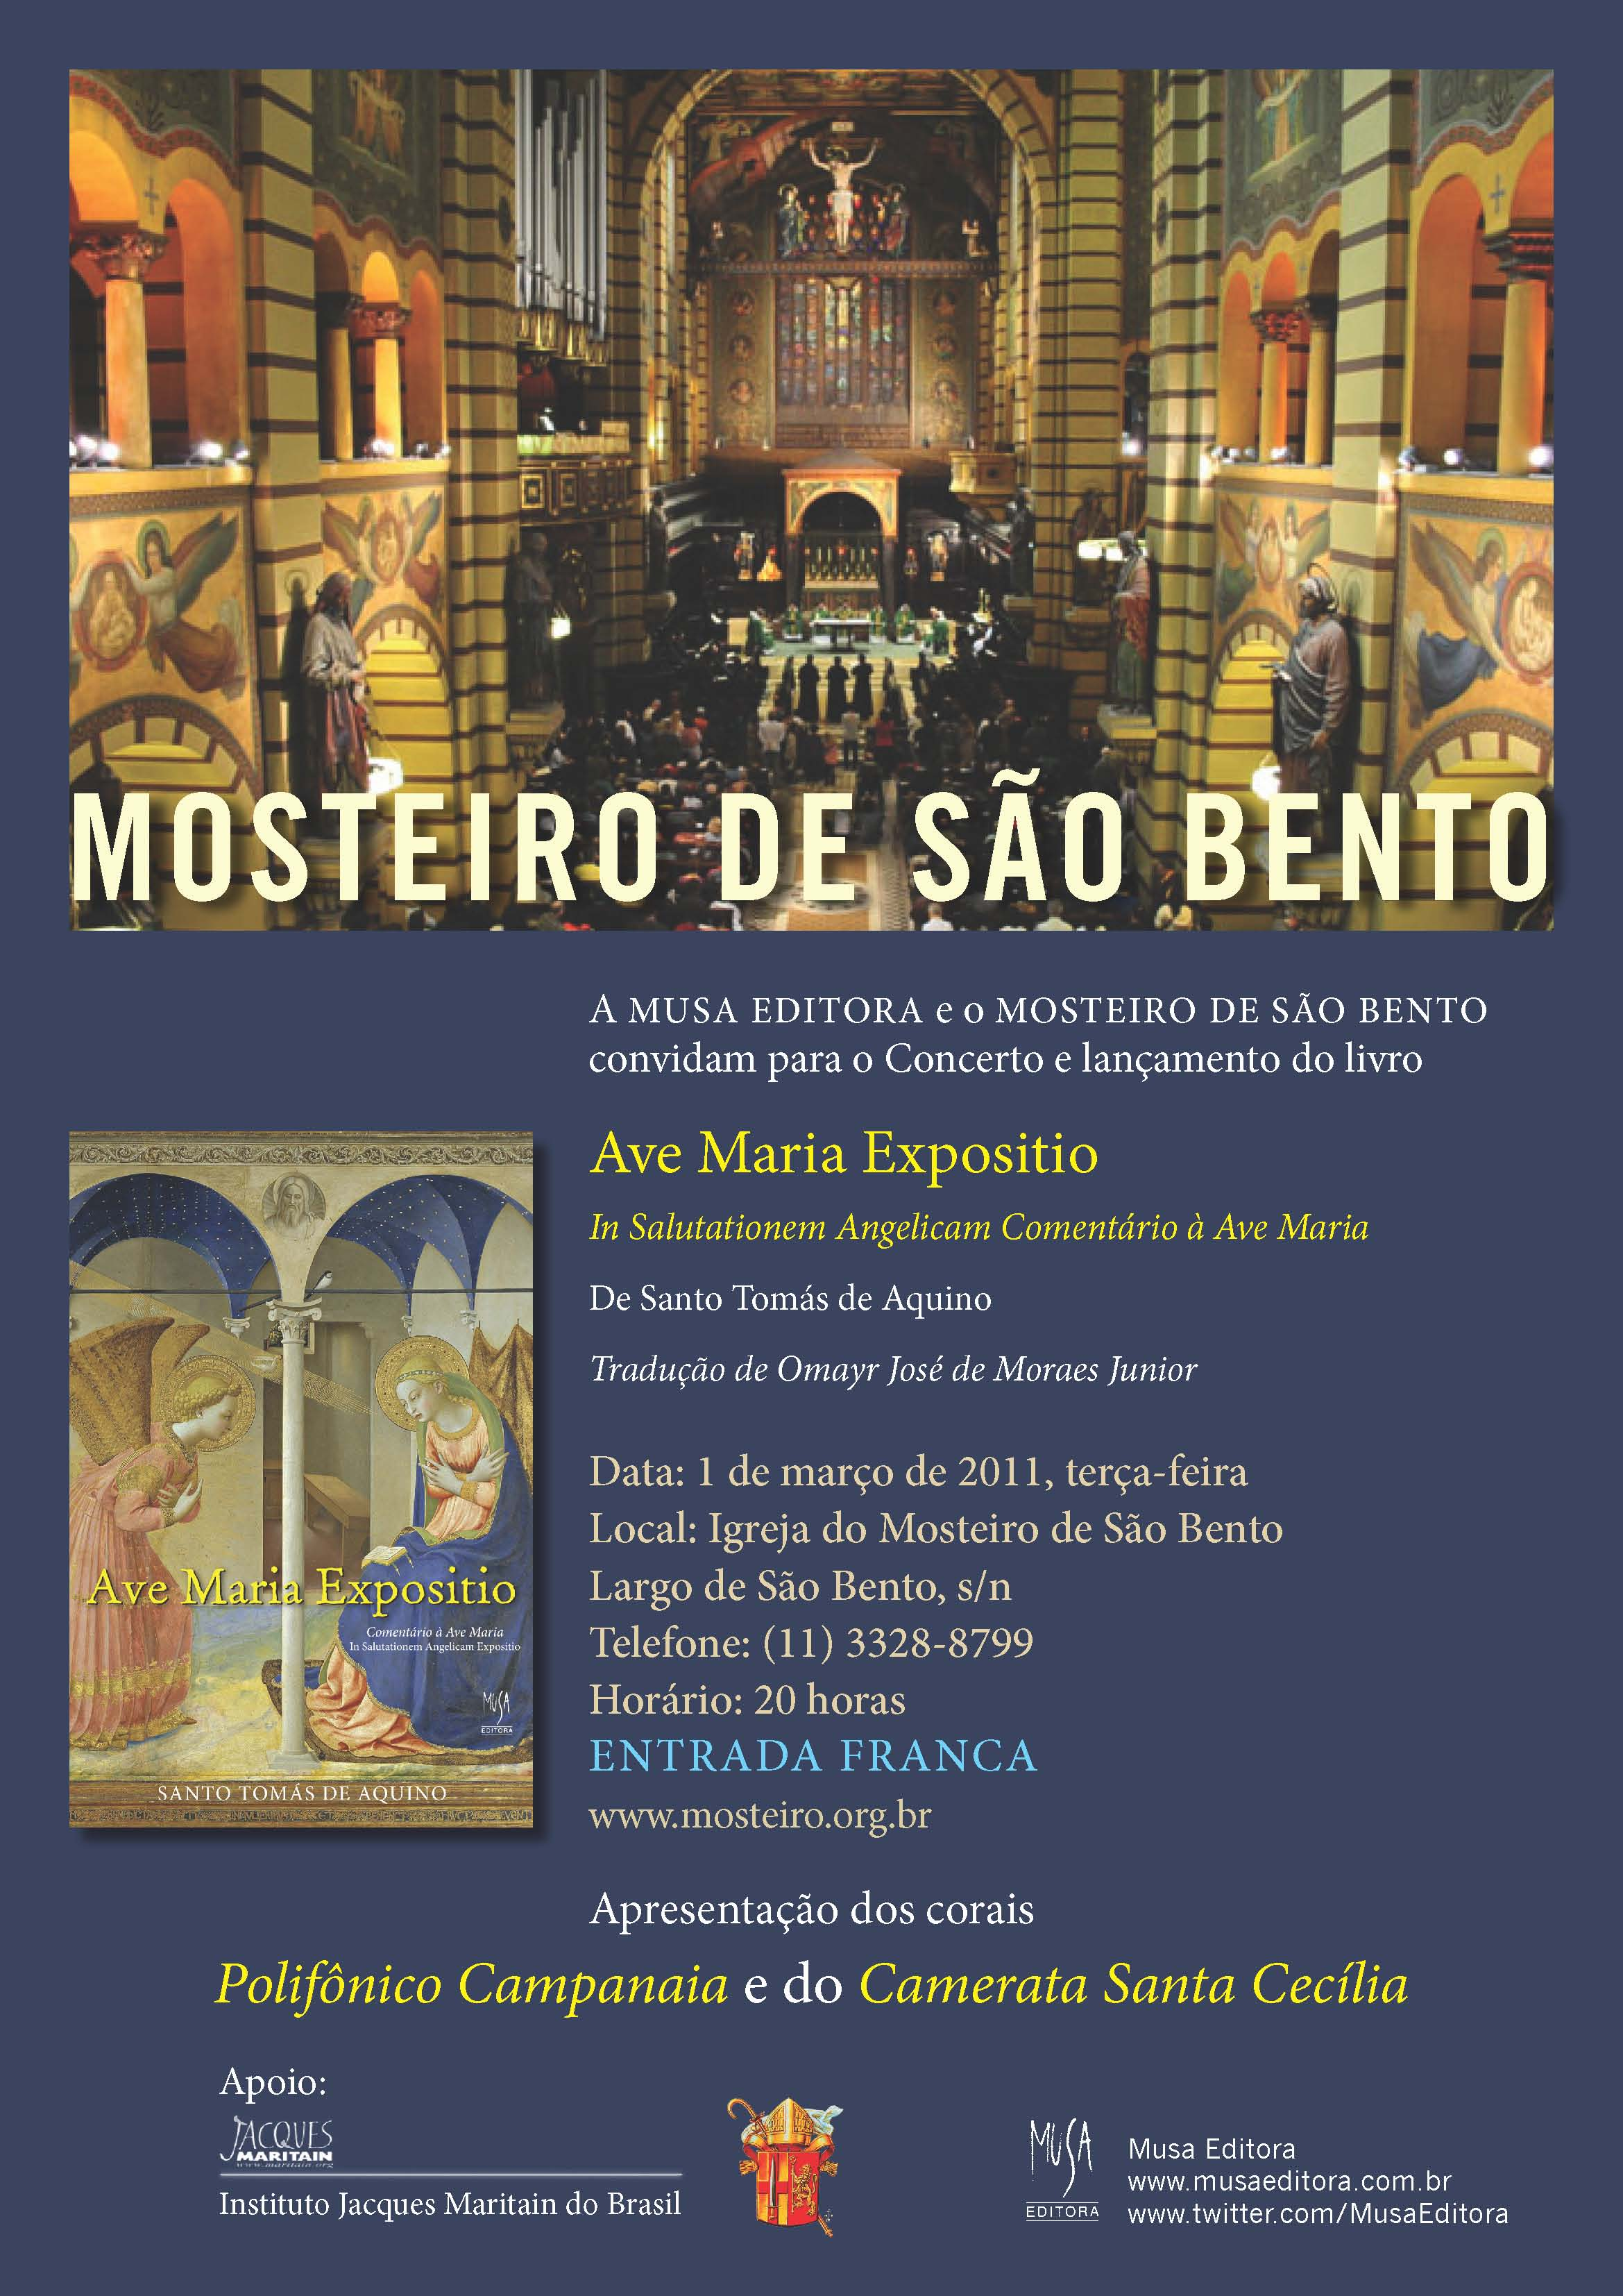 Convite: Lançamento de Ave Maria Expositio e Concerto no Mosteiro de São Bento, dia 1° de março